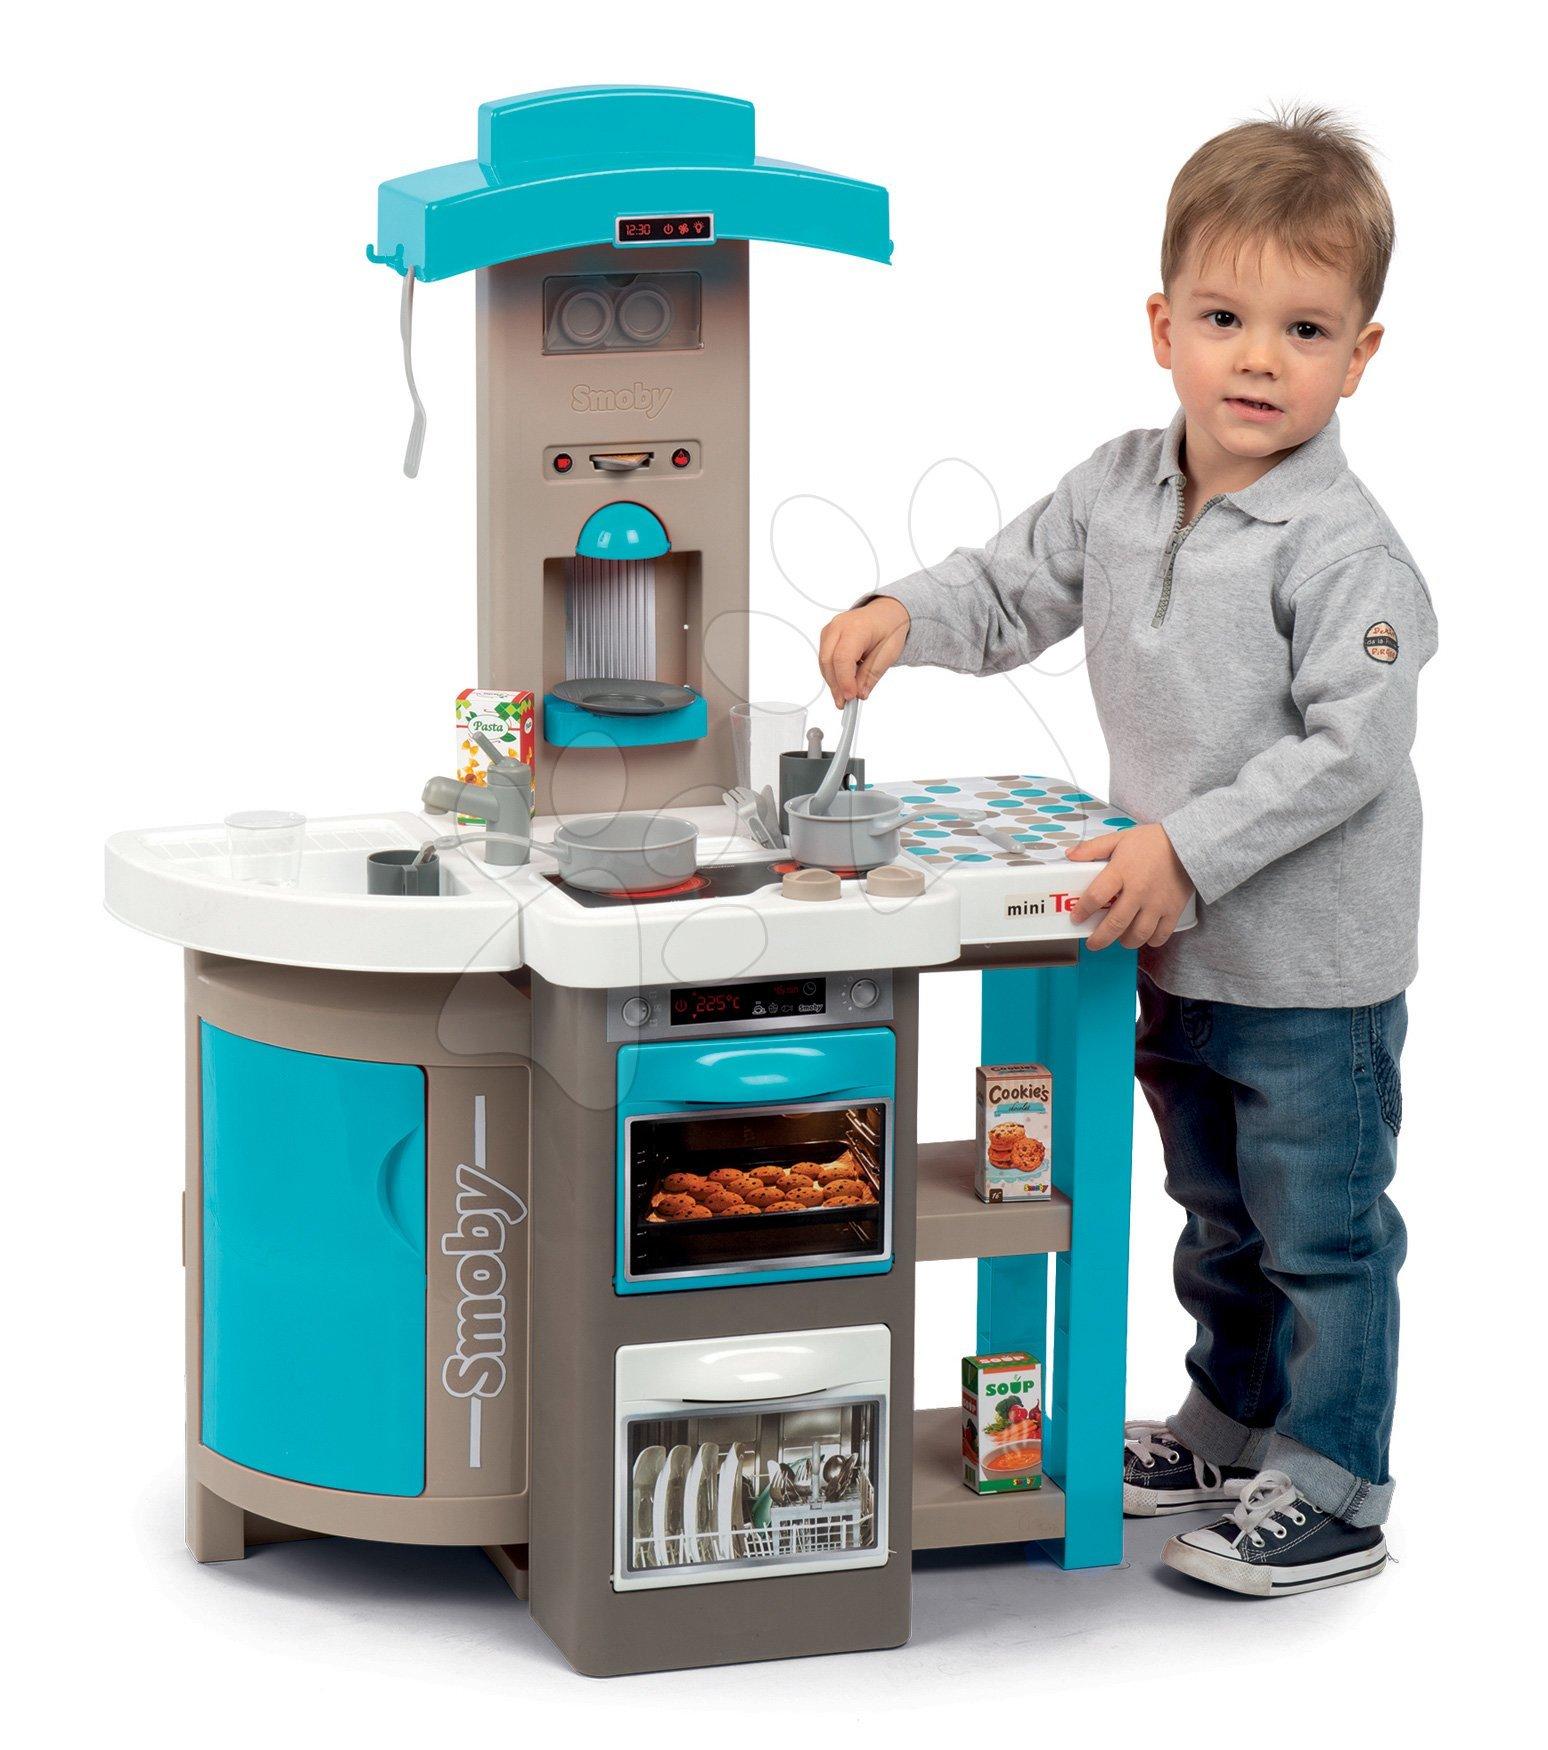 Kuchyňka skládací Tefal Opencook Bubble Smoby modrá s magickým bubláním, kávovarem, ledničkou a 24 doplňků